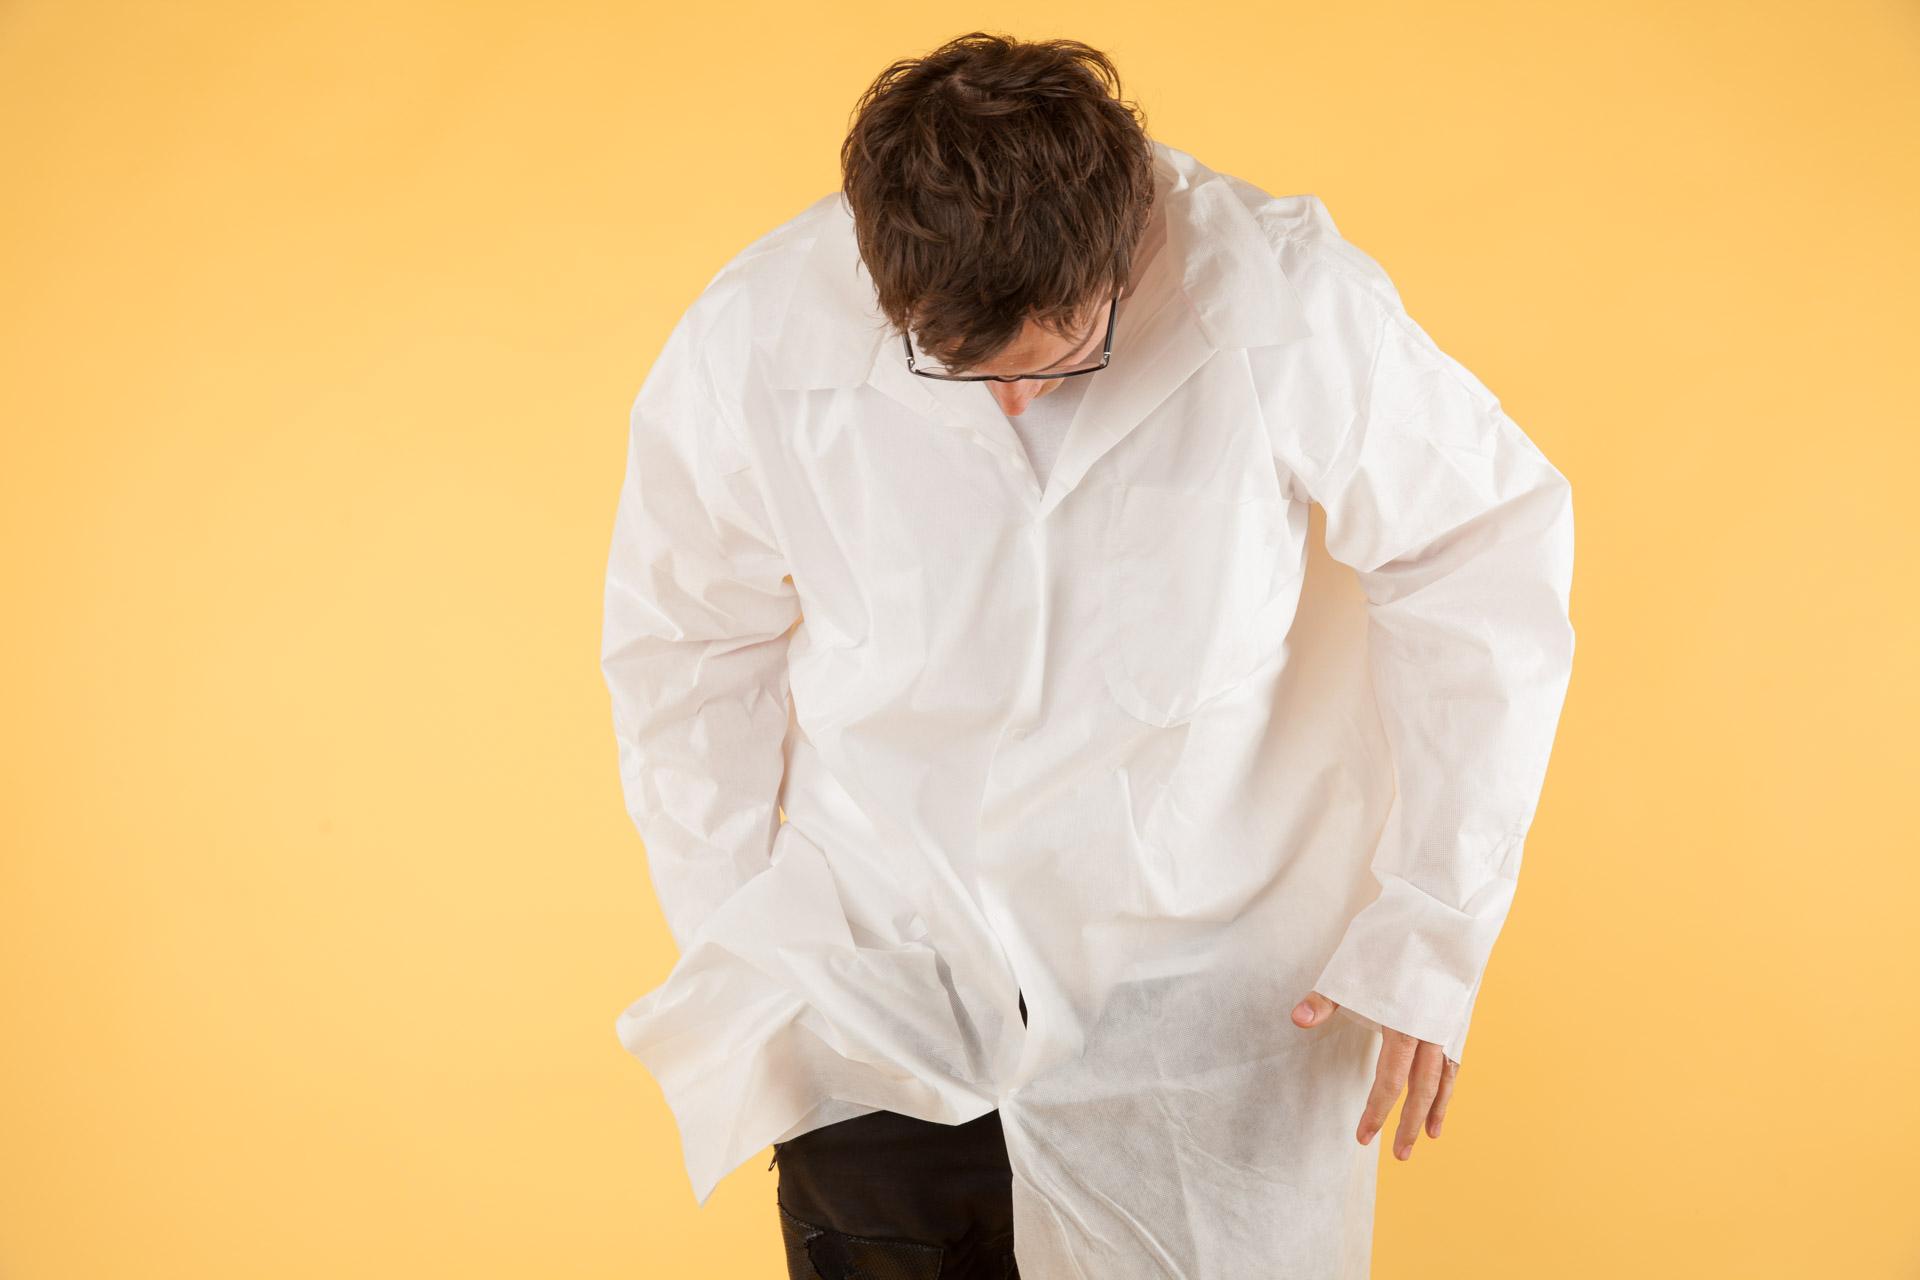 Kleenguard Coat